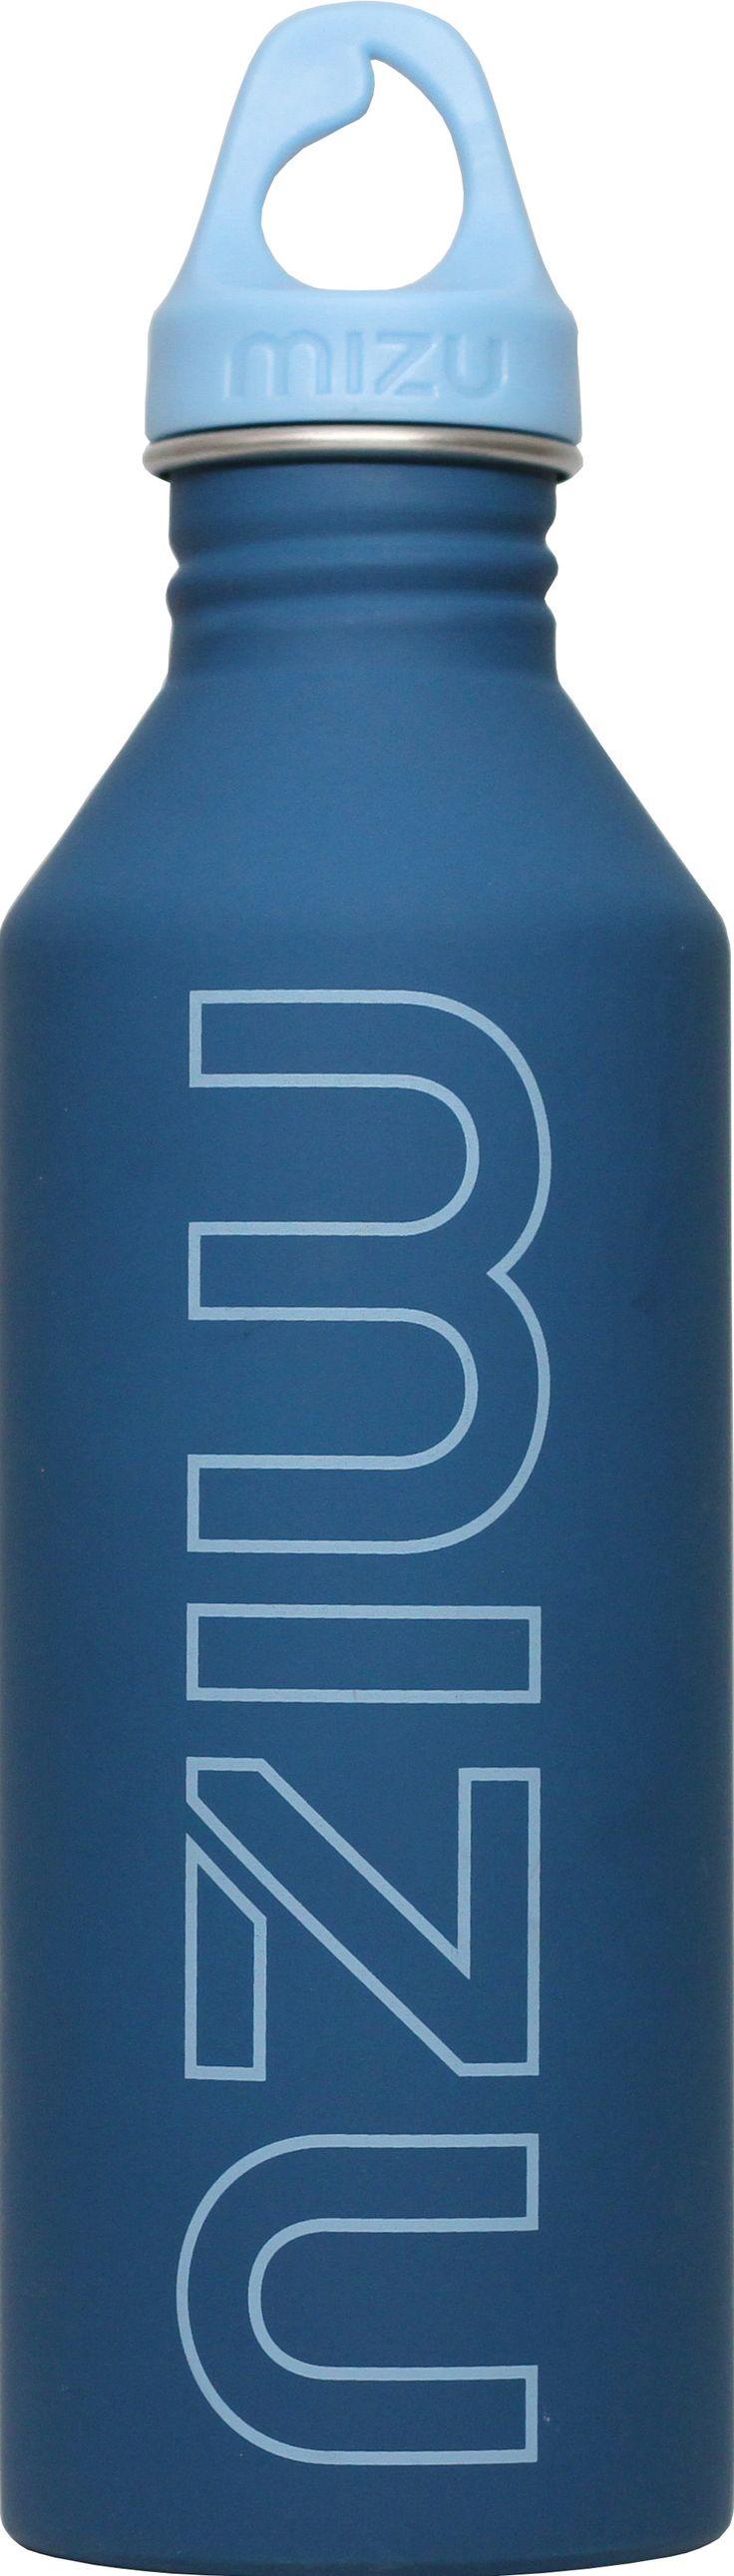 Mizu bottle blue